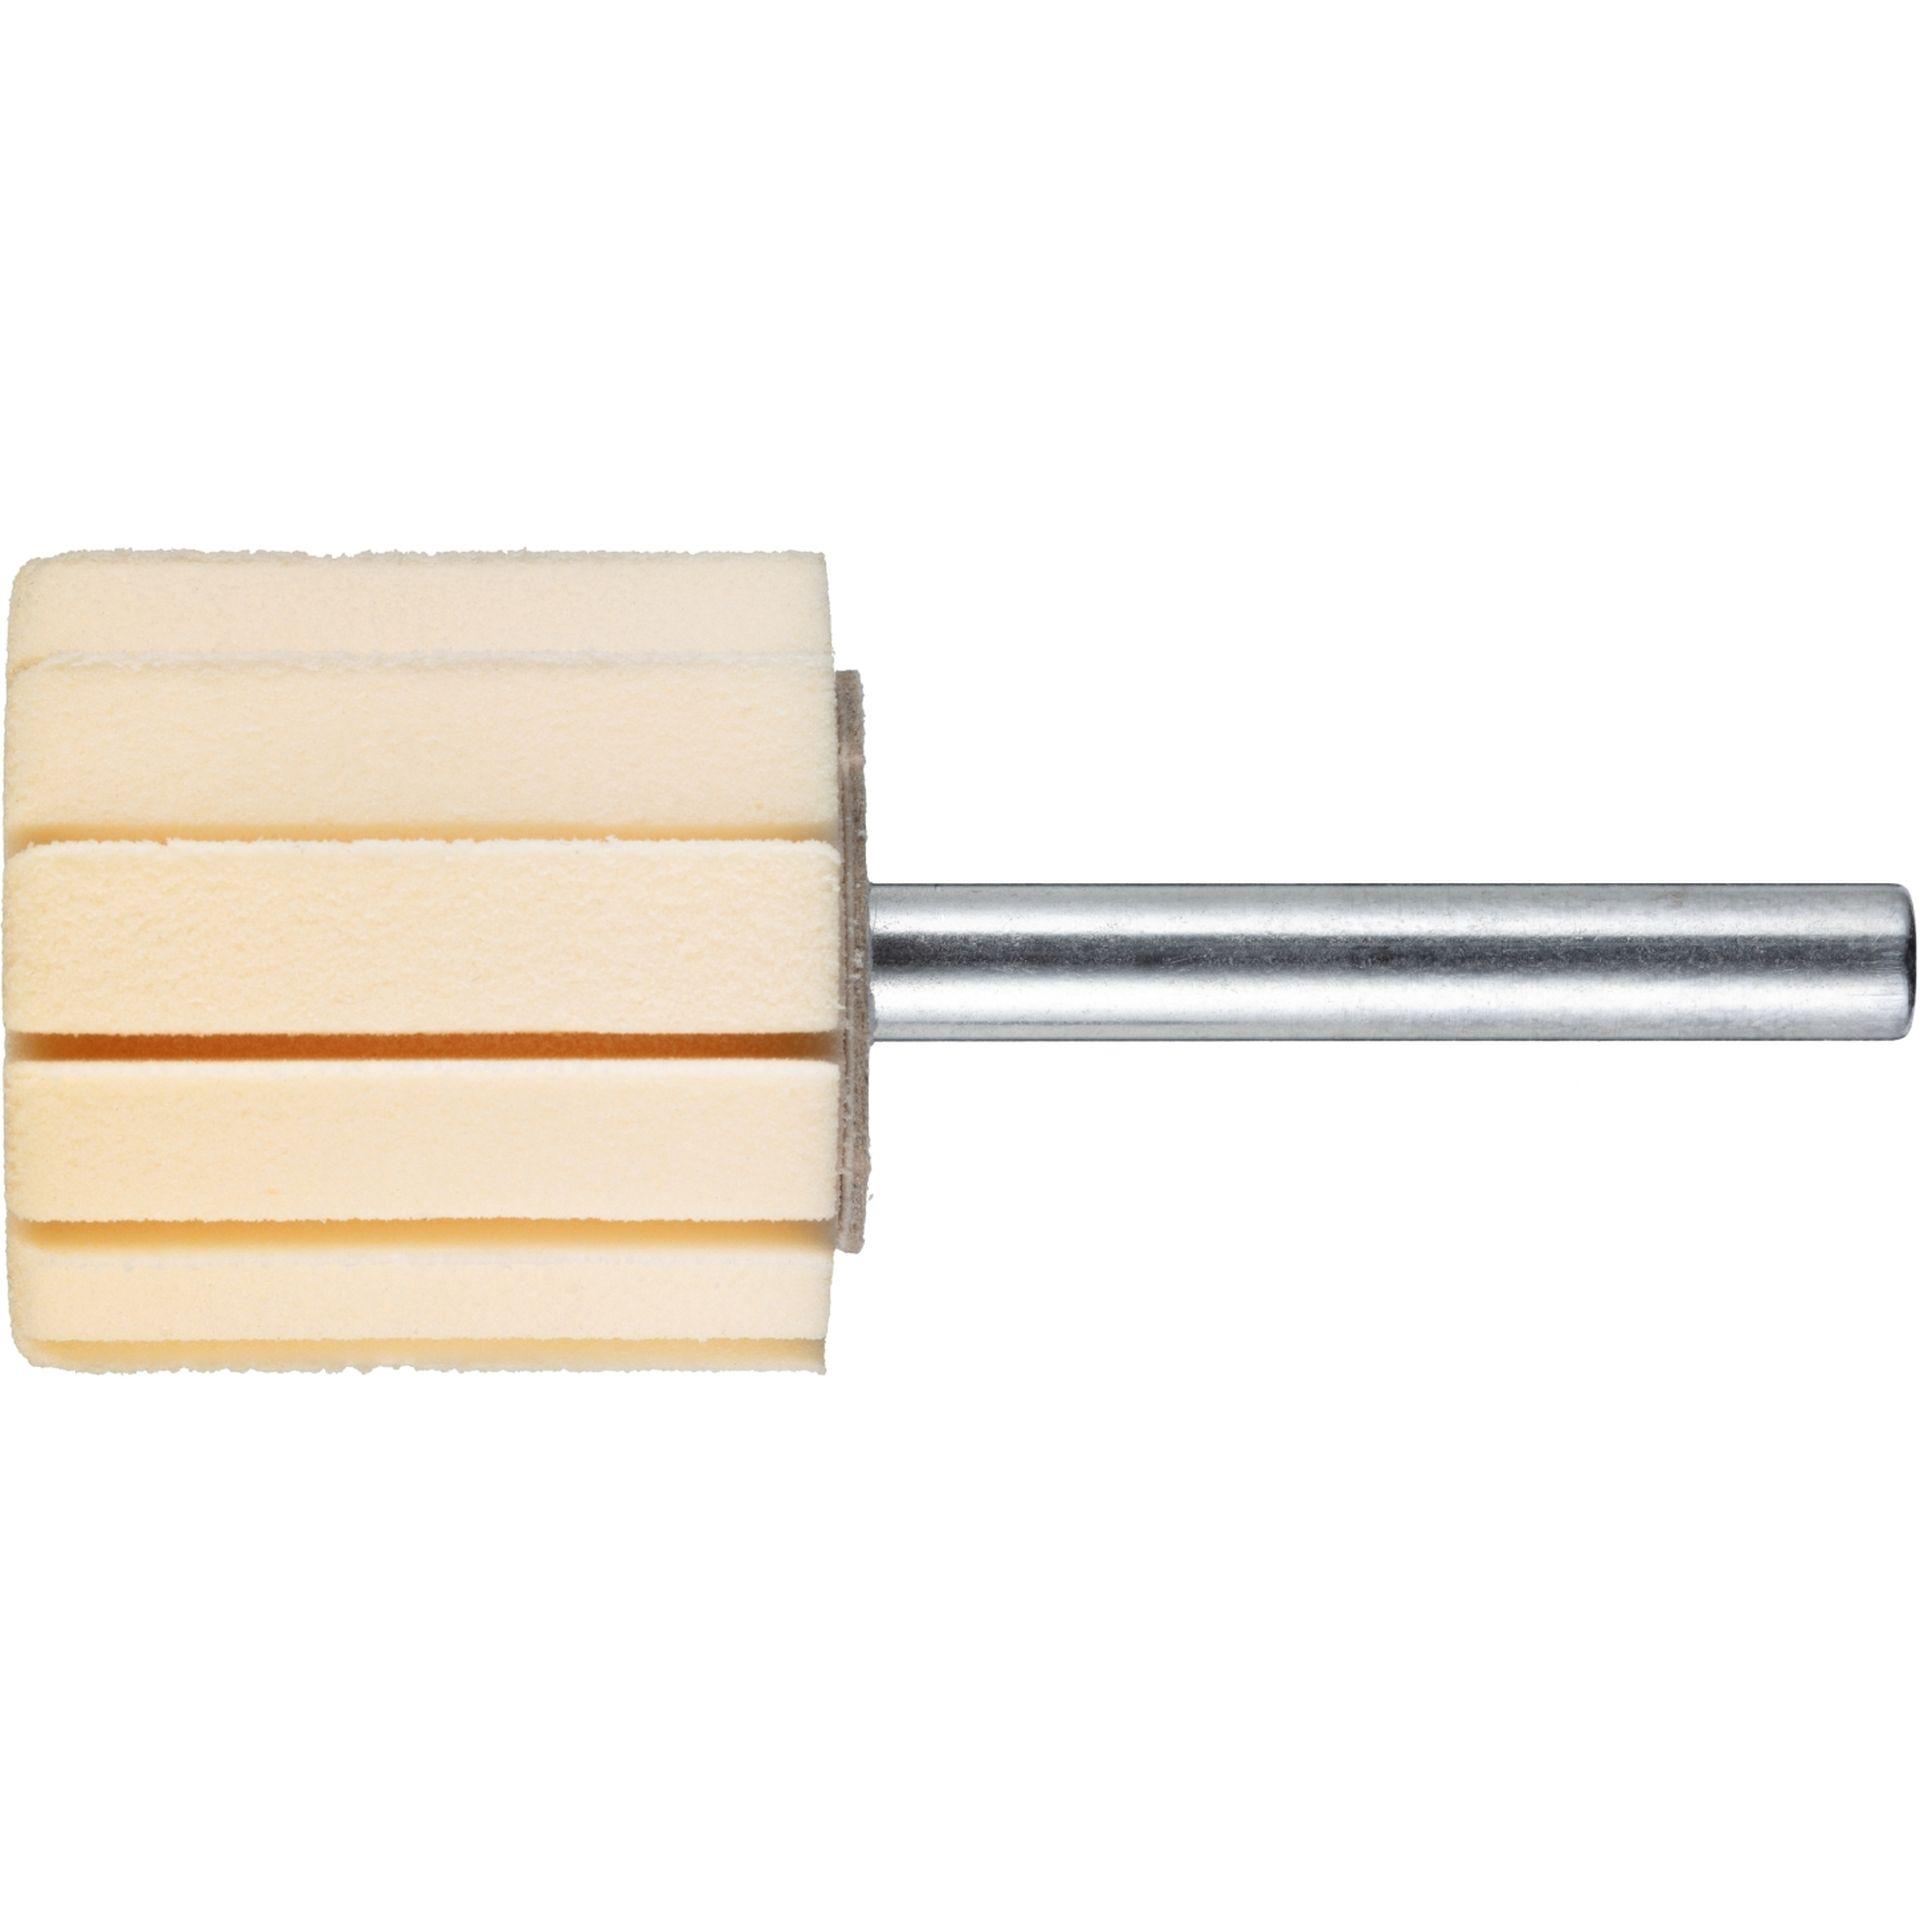 2x LUKAS Werkzeugaufnahme STZY für Schleifhülsen 100x40 mm Schaft 8 mm